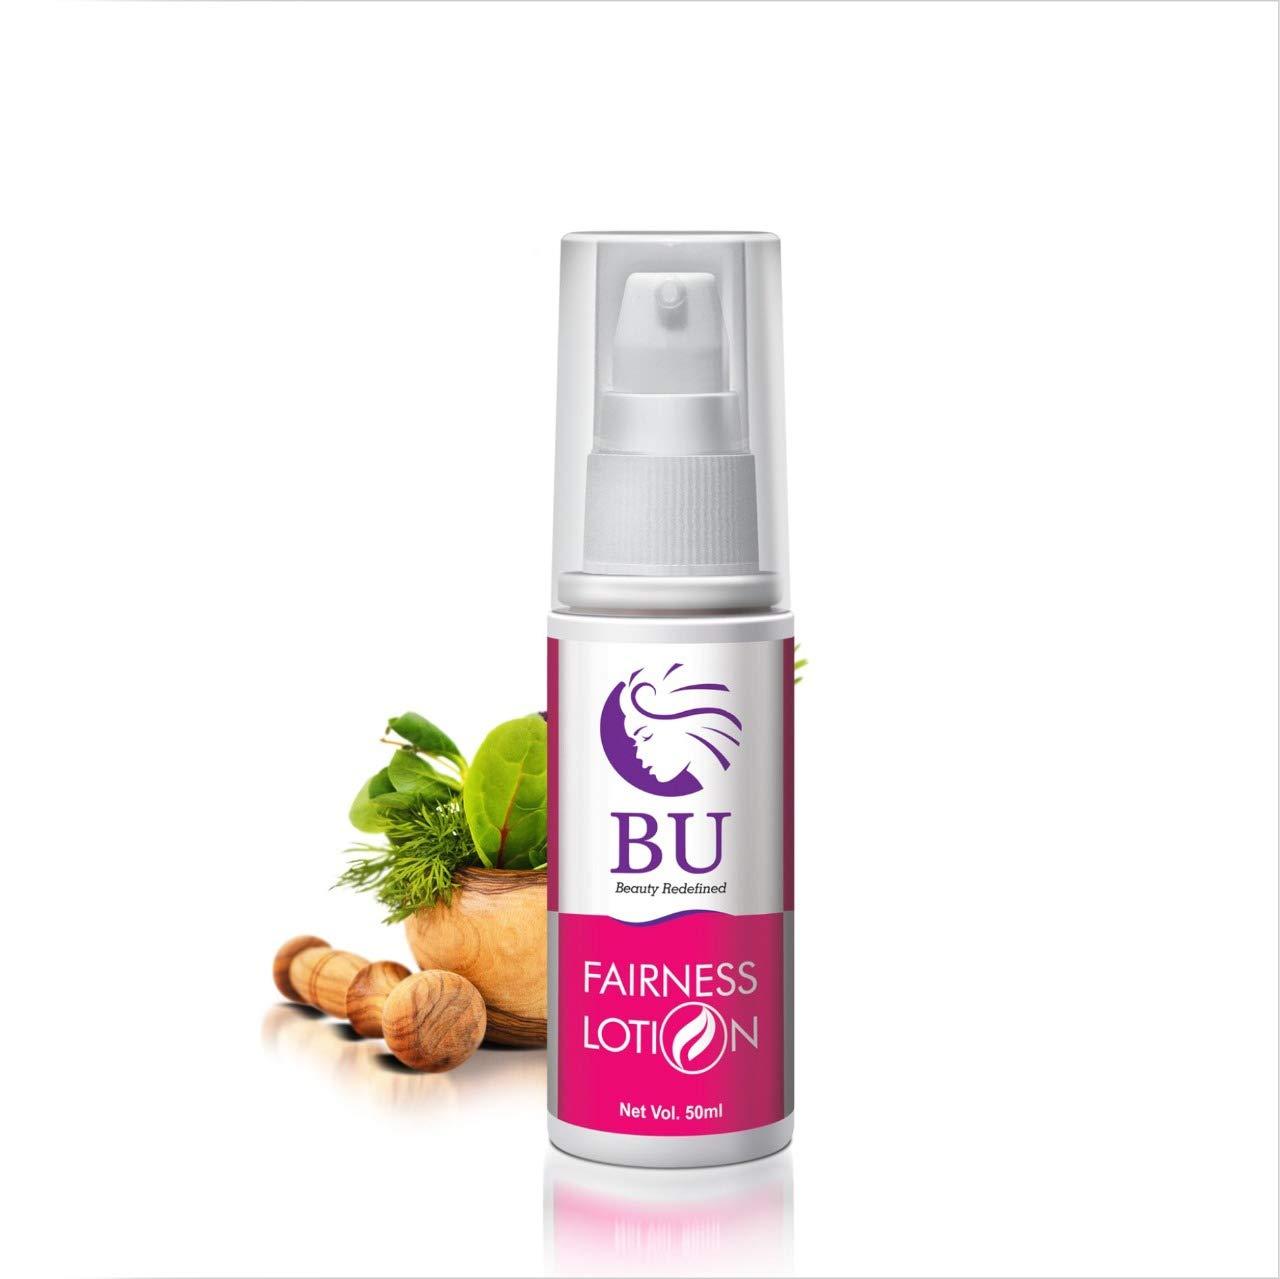 BU Healthcare BU 100% Natural and Herbal All-in One Multi-Purpose Fairness, Anti-Tan, Pimple Remover Cream With Anti-Oxidants/Vitamin C,E, Jojoba Oil and Aloe Vera Extract (50 ML)